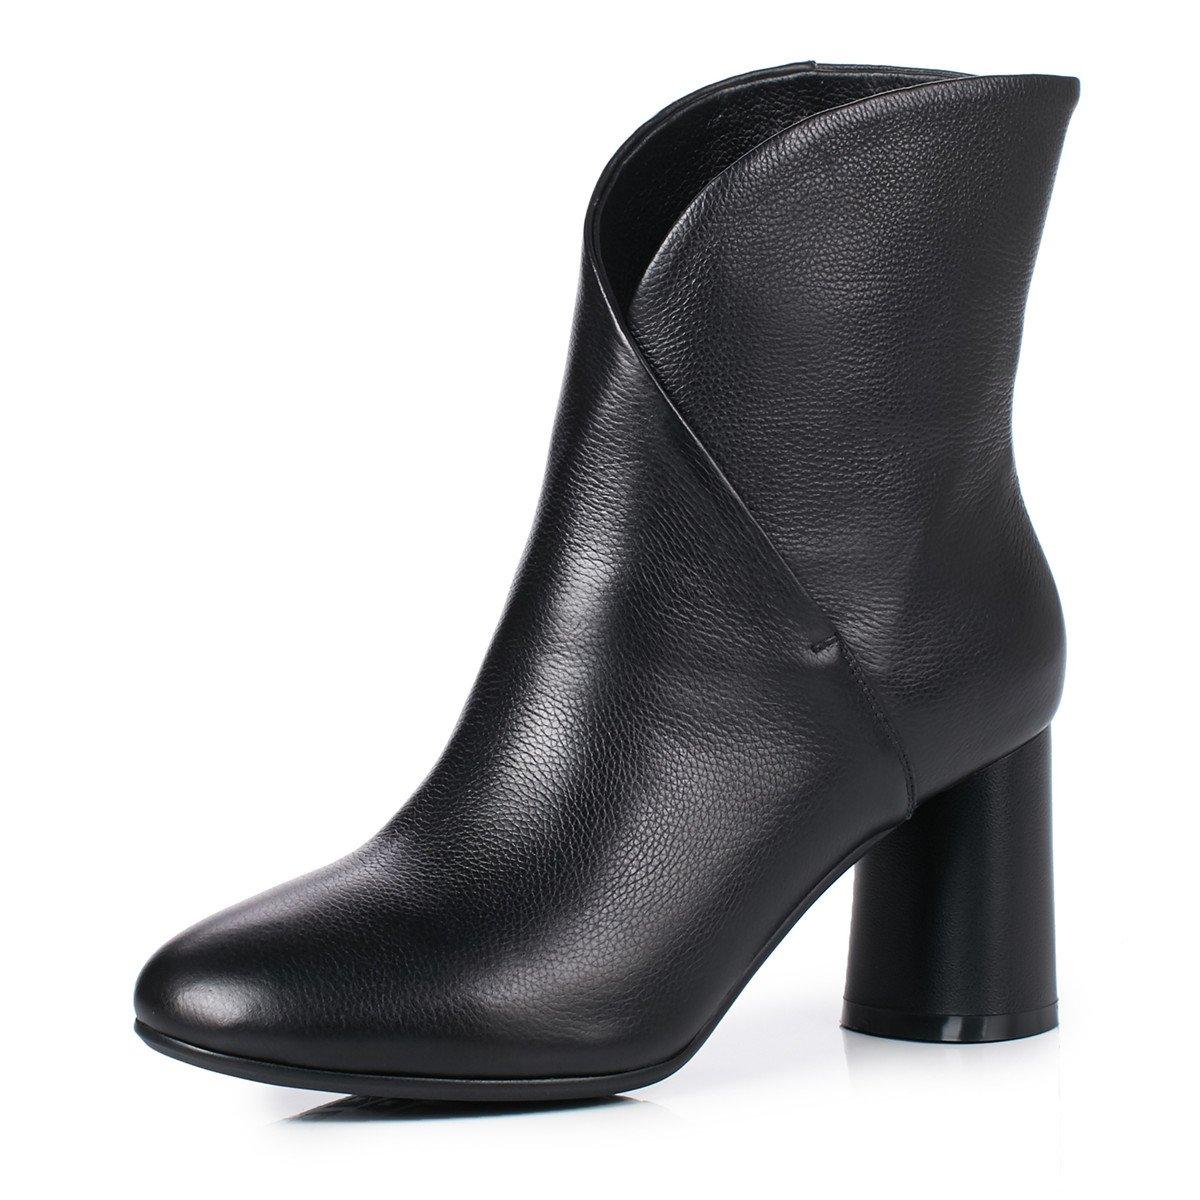 ANNIEschuhe Leder Stiefeletten Stiefeletten Stiefeletten Damen mit Blockabsatz Ankle Stiefel Herbst ea996c